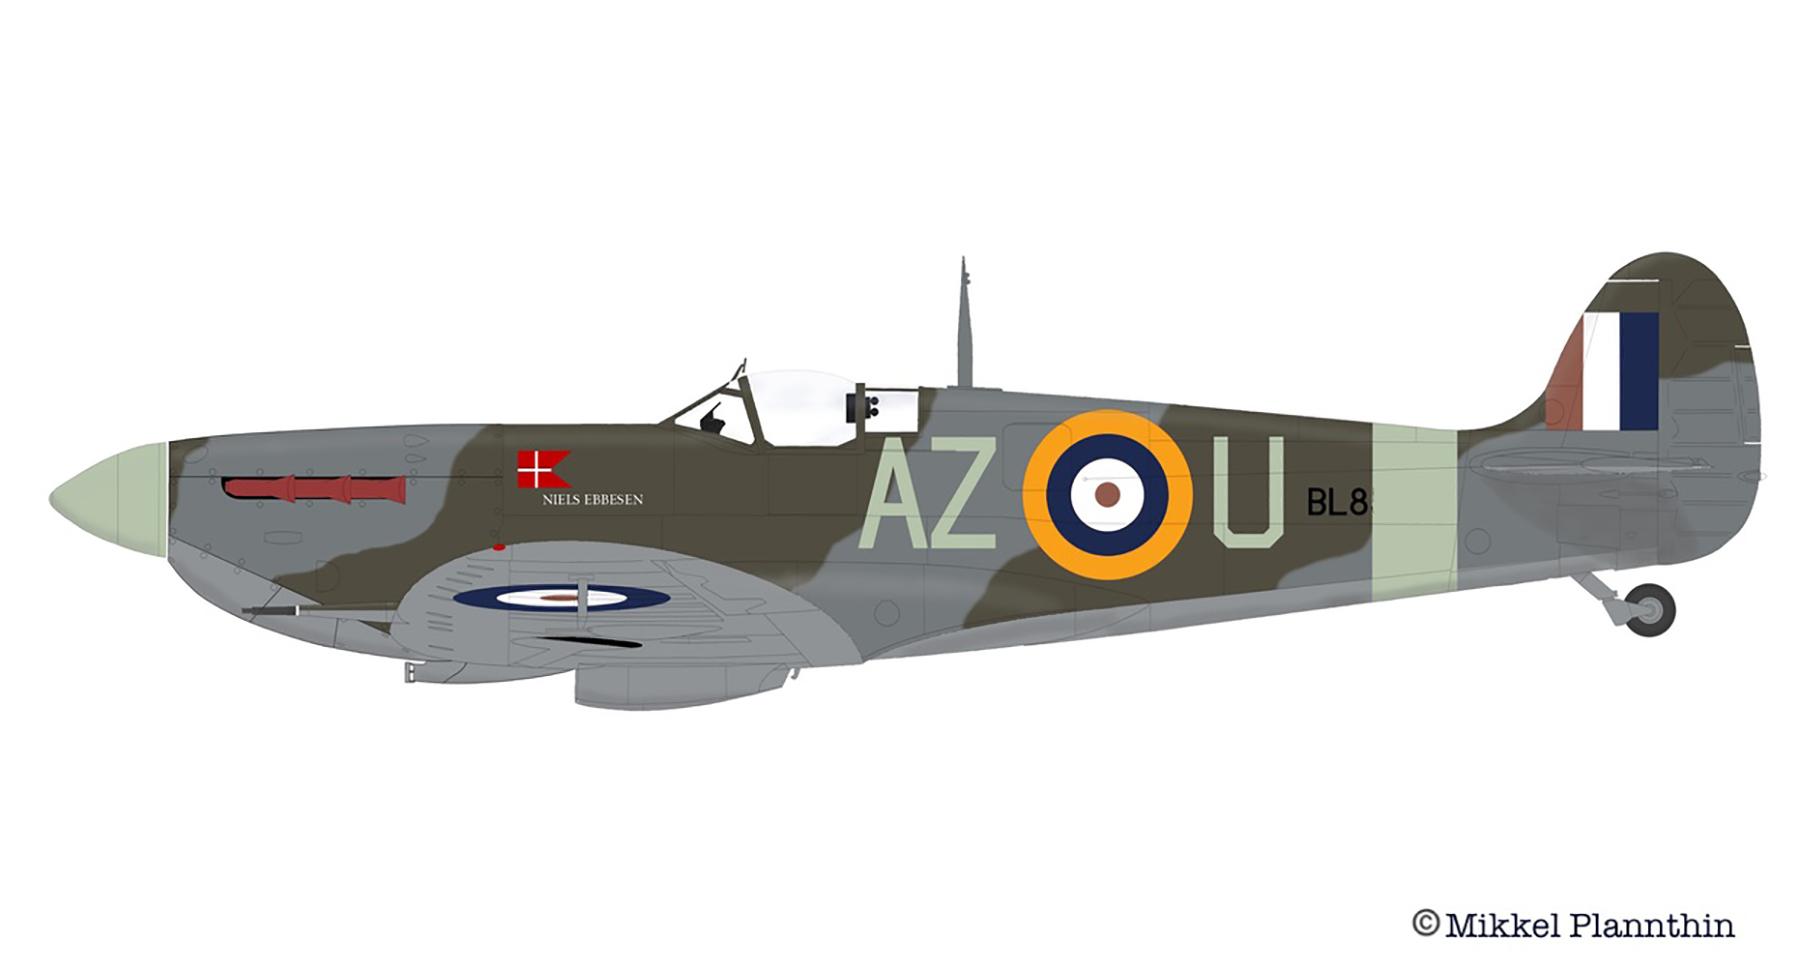 Spitfire MkVb RAF 234Sqn AZU named Niels Ebbesen BL855 April 1942 by Mikkel Plannthin 0A